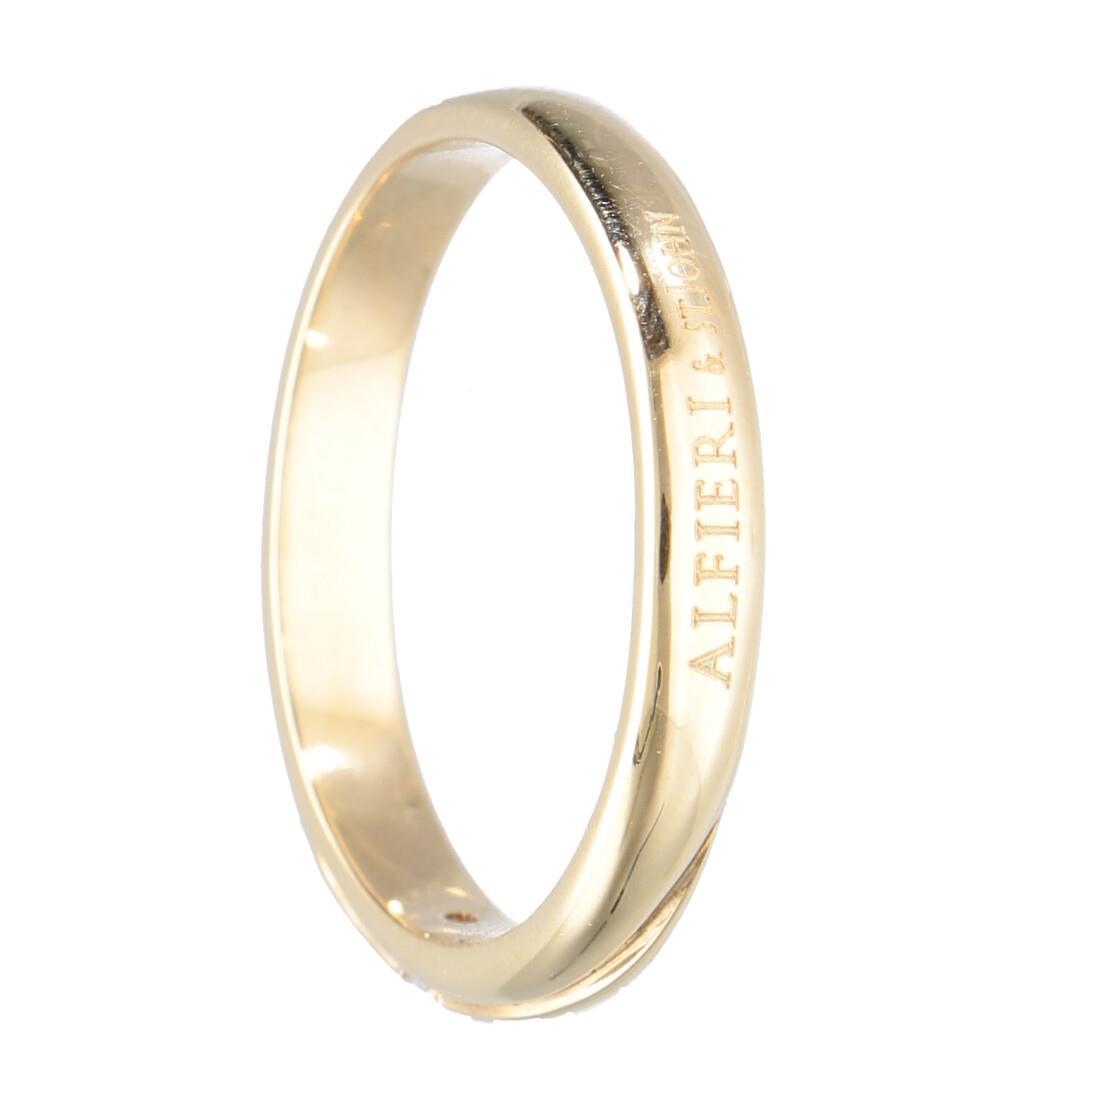 Fede in oro giallo con diamante mis 13 - ALFIERI & ST. JOHN